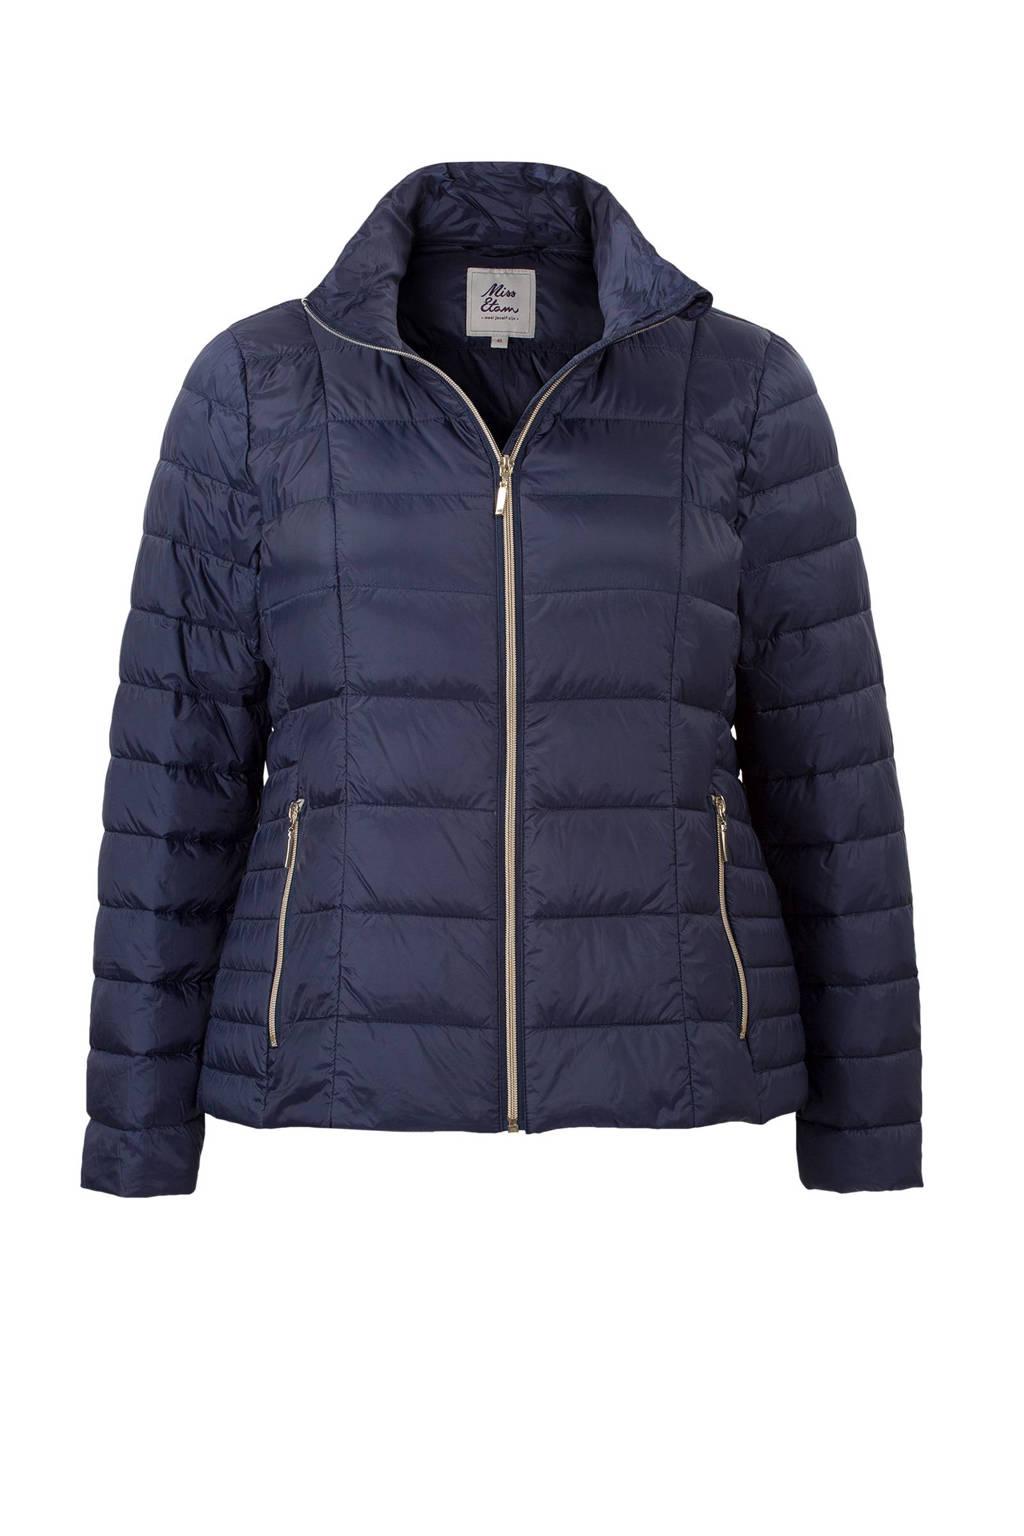 Miss Etam Plus gewatteerde jas, Marineblauw